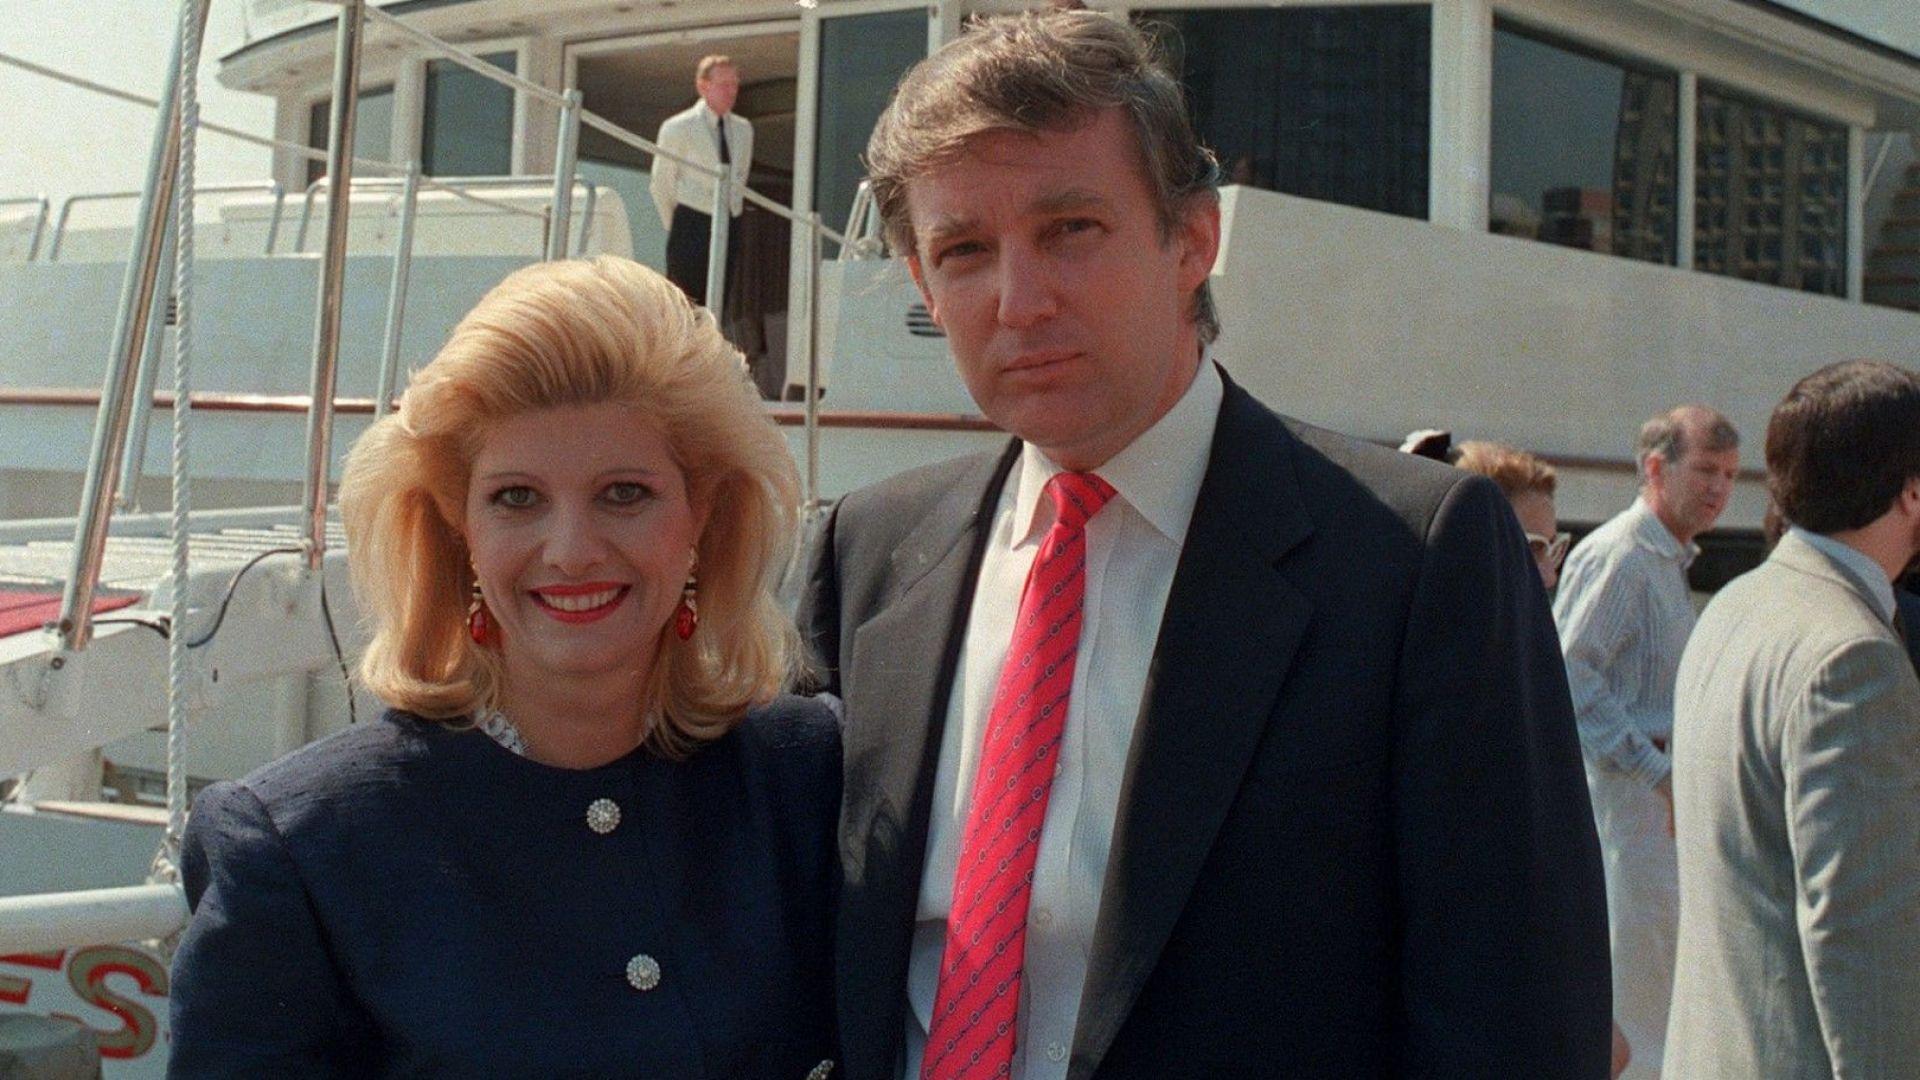 Отворени досиета: Чехословашката ДС шпионирала Тръмп през 80-те години на 20 век